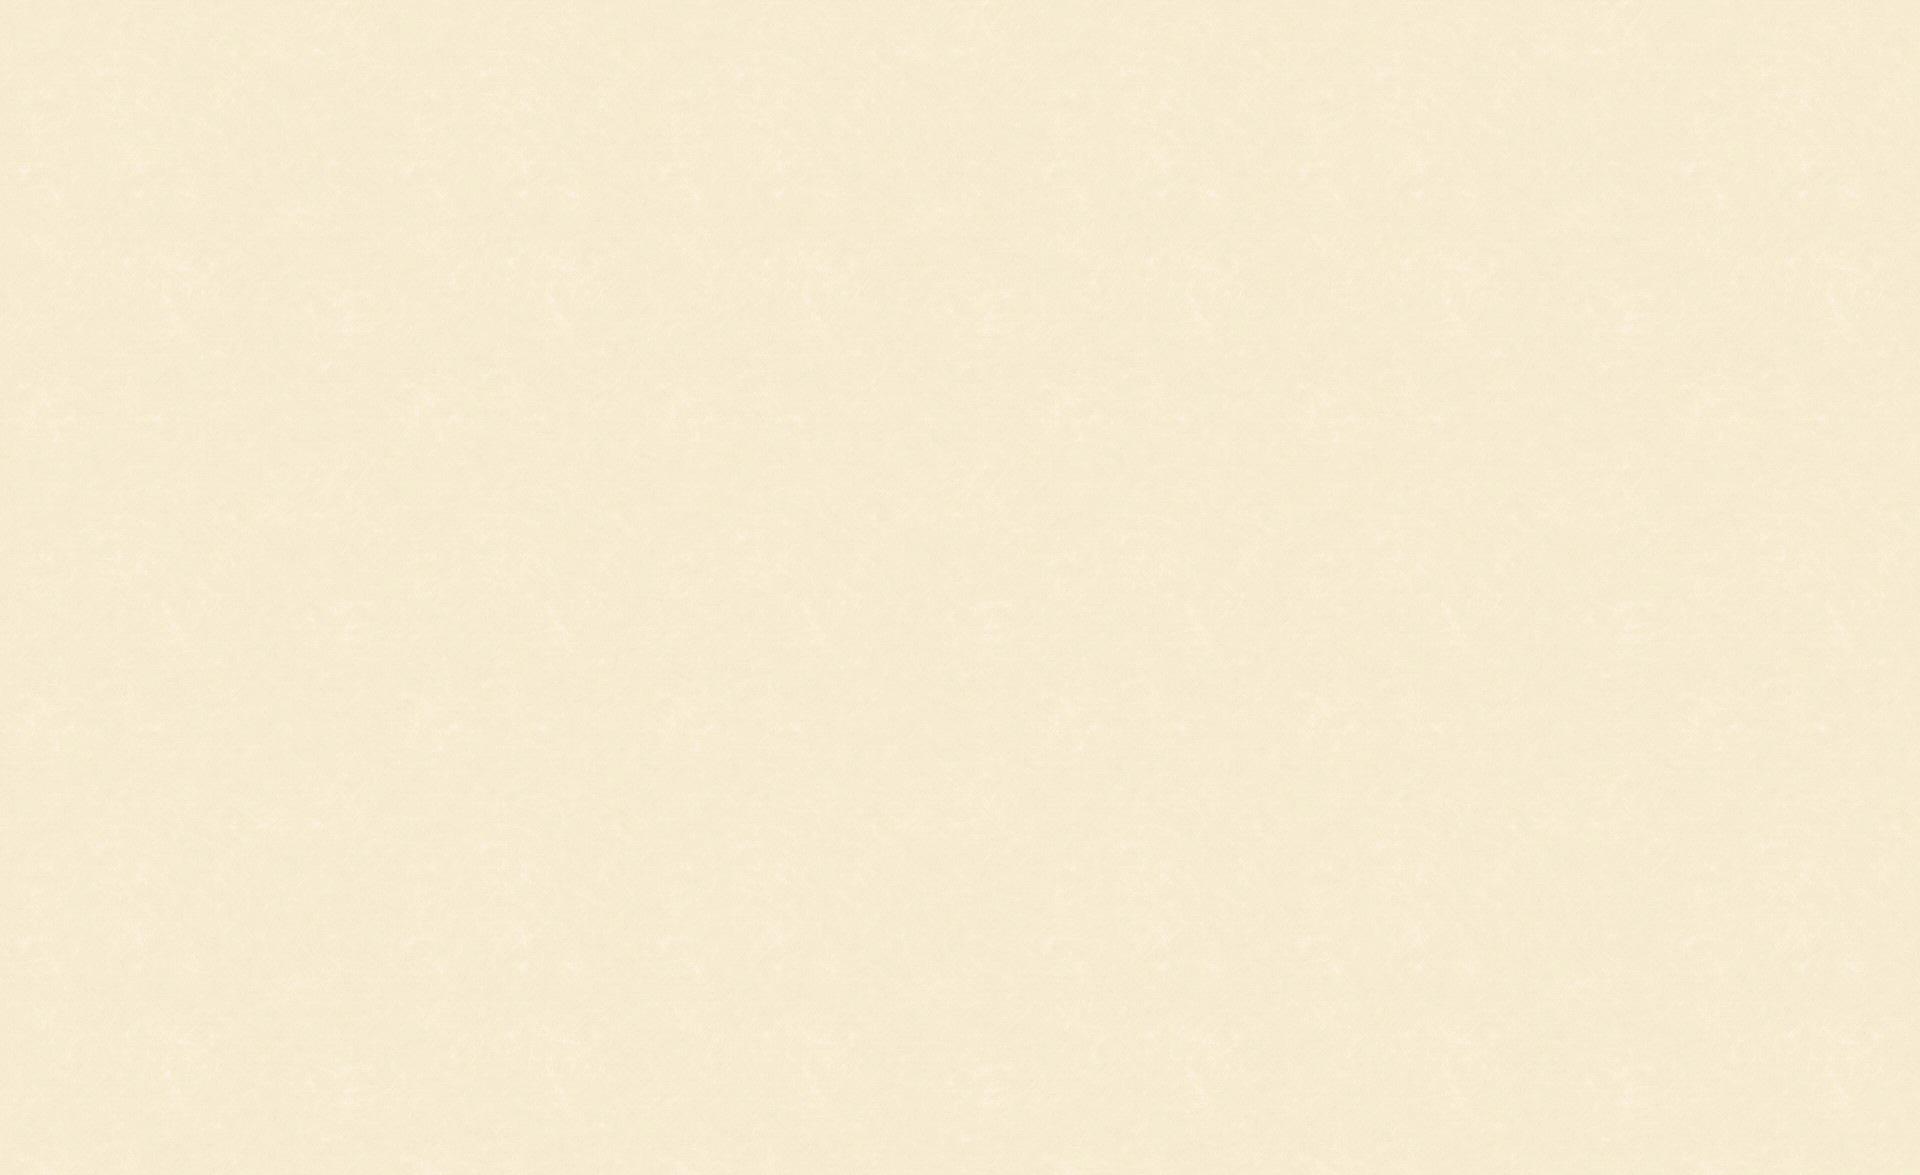 Бельгийские обои Grandeco,  коллекция New Skin, артикулNS74010